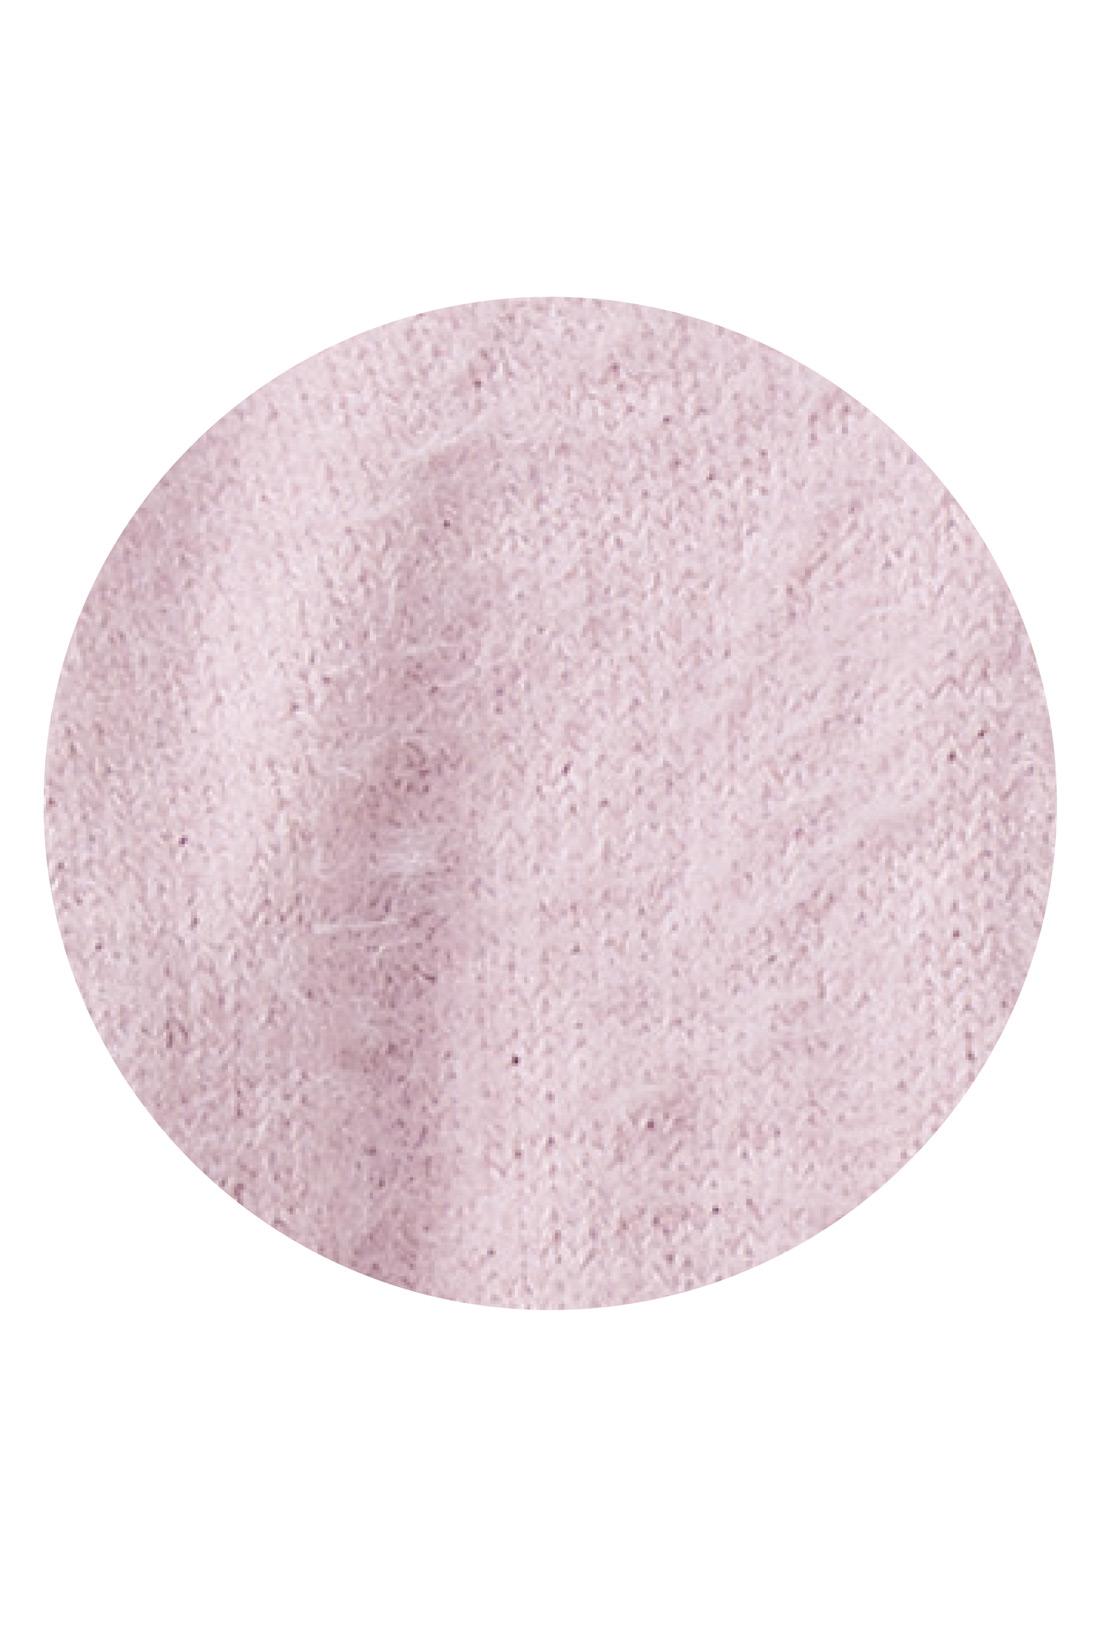 肌がきれいに見える大人ピンクは、今年試してほしいイチオシカラーです。